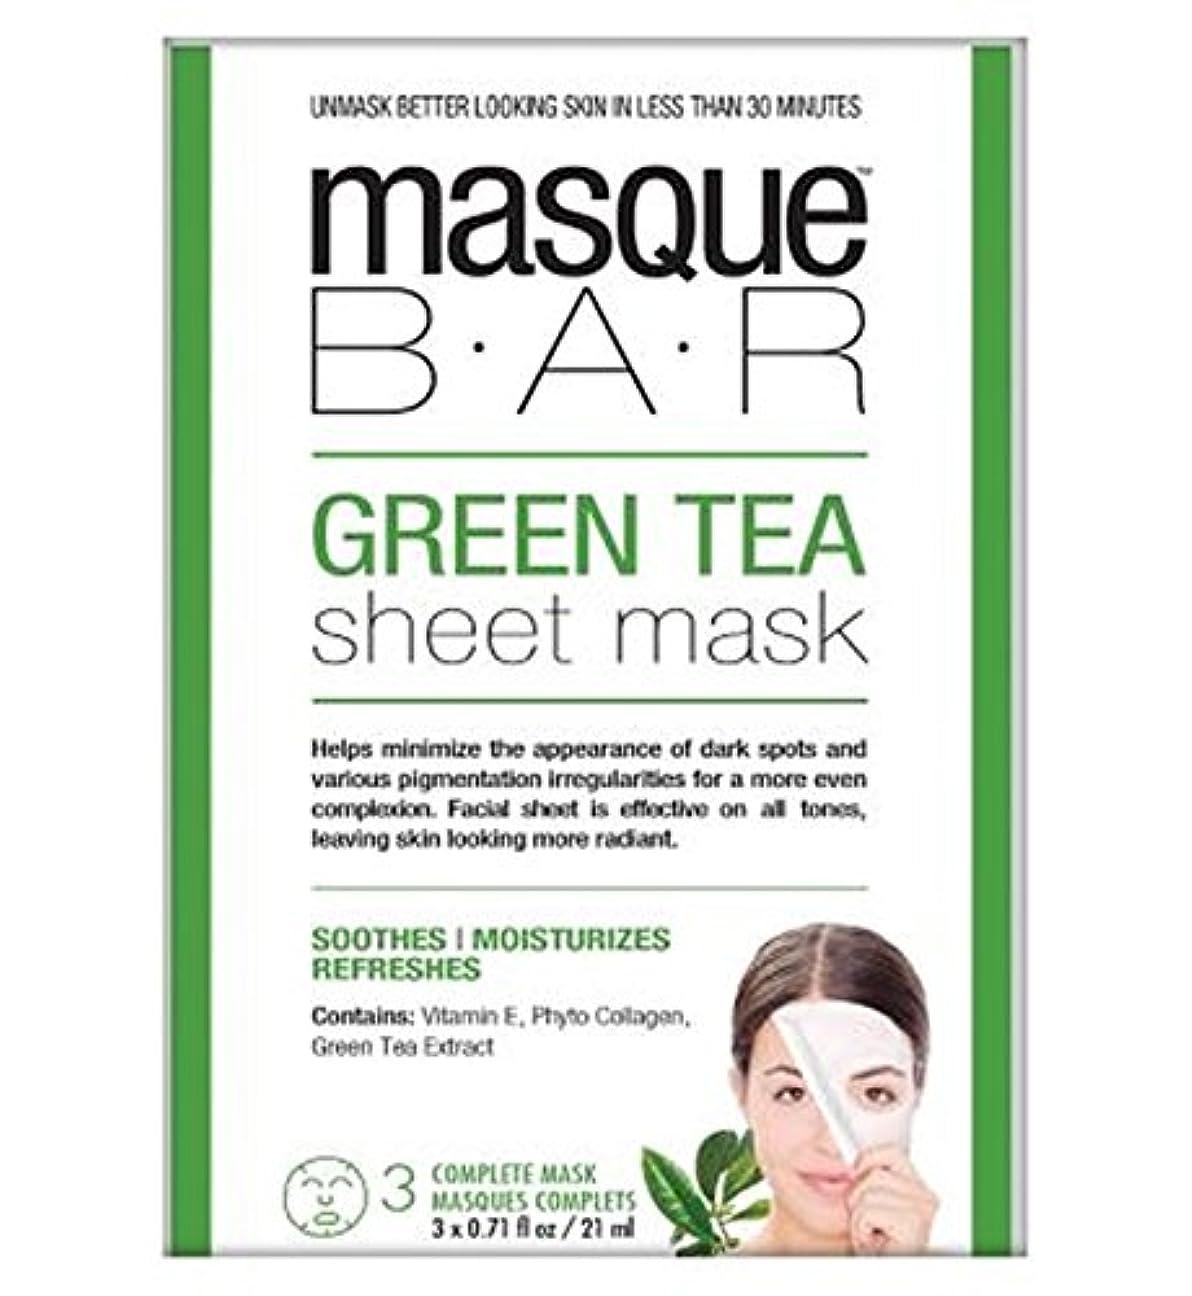 サイトライン月曜雪だるまMasque Bar Green Tea Sheet Mask - 3 complete masks - 仮面劇バー緑茶シートマスク - 3完全なマスク (P6B Masque Bar Bt) [並行輸入品]